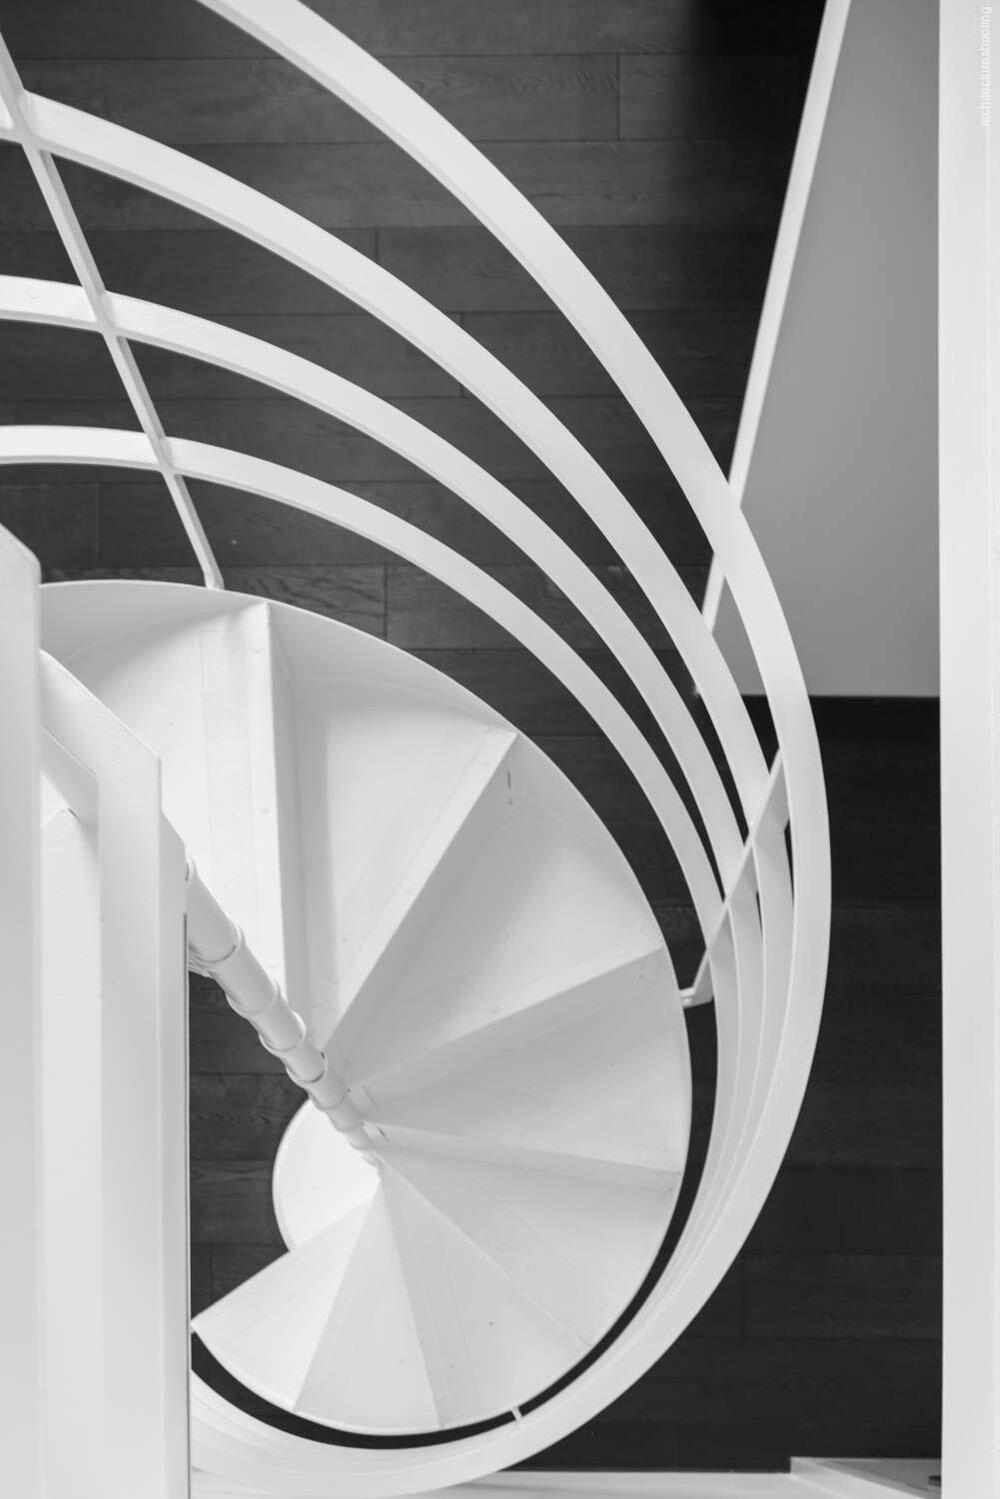 Kunstgalerie im Gutschow-Haus, Berlin - Clemens Dreher, Architekt